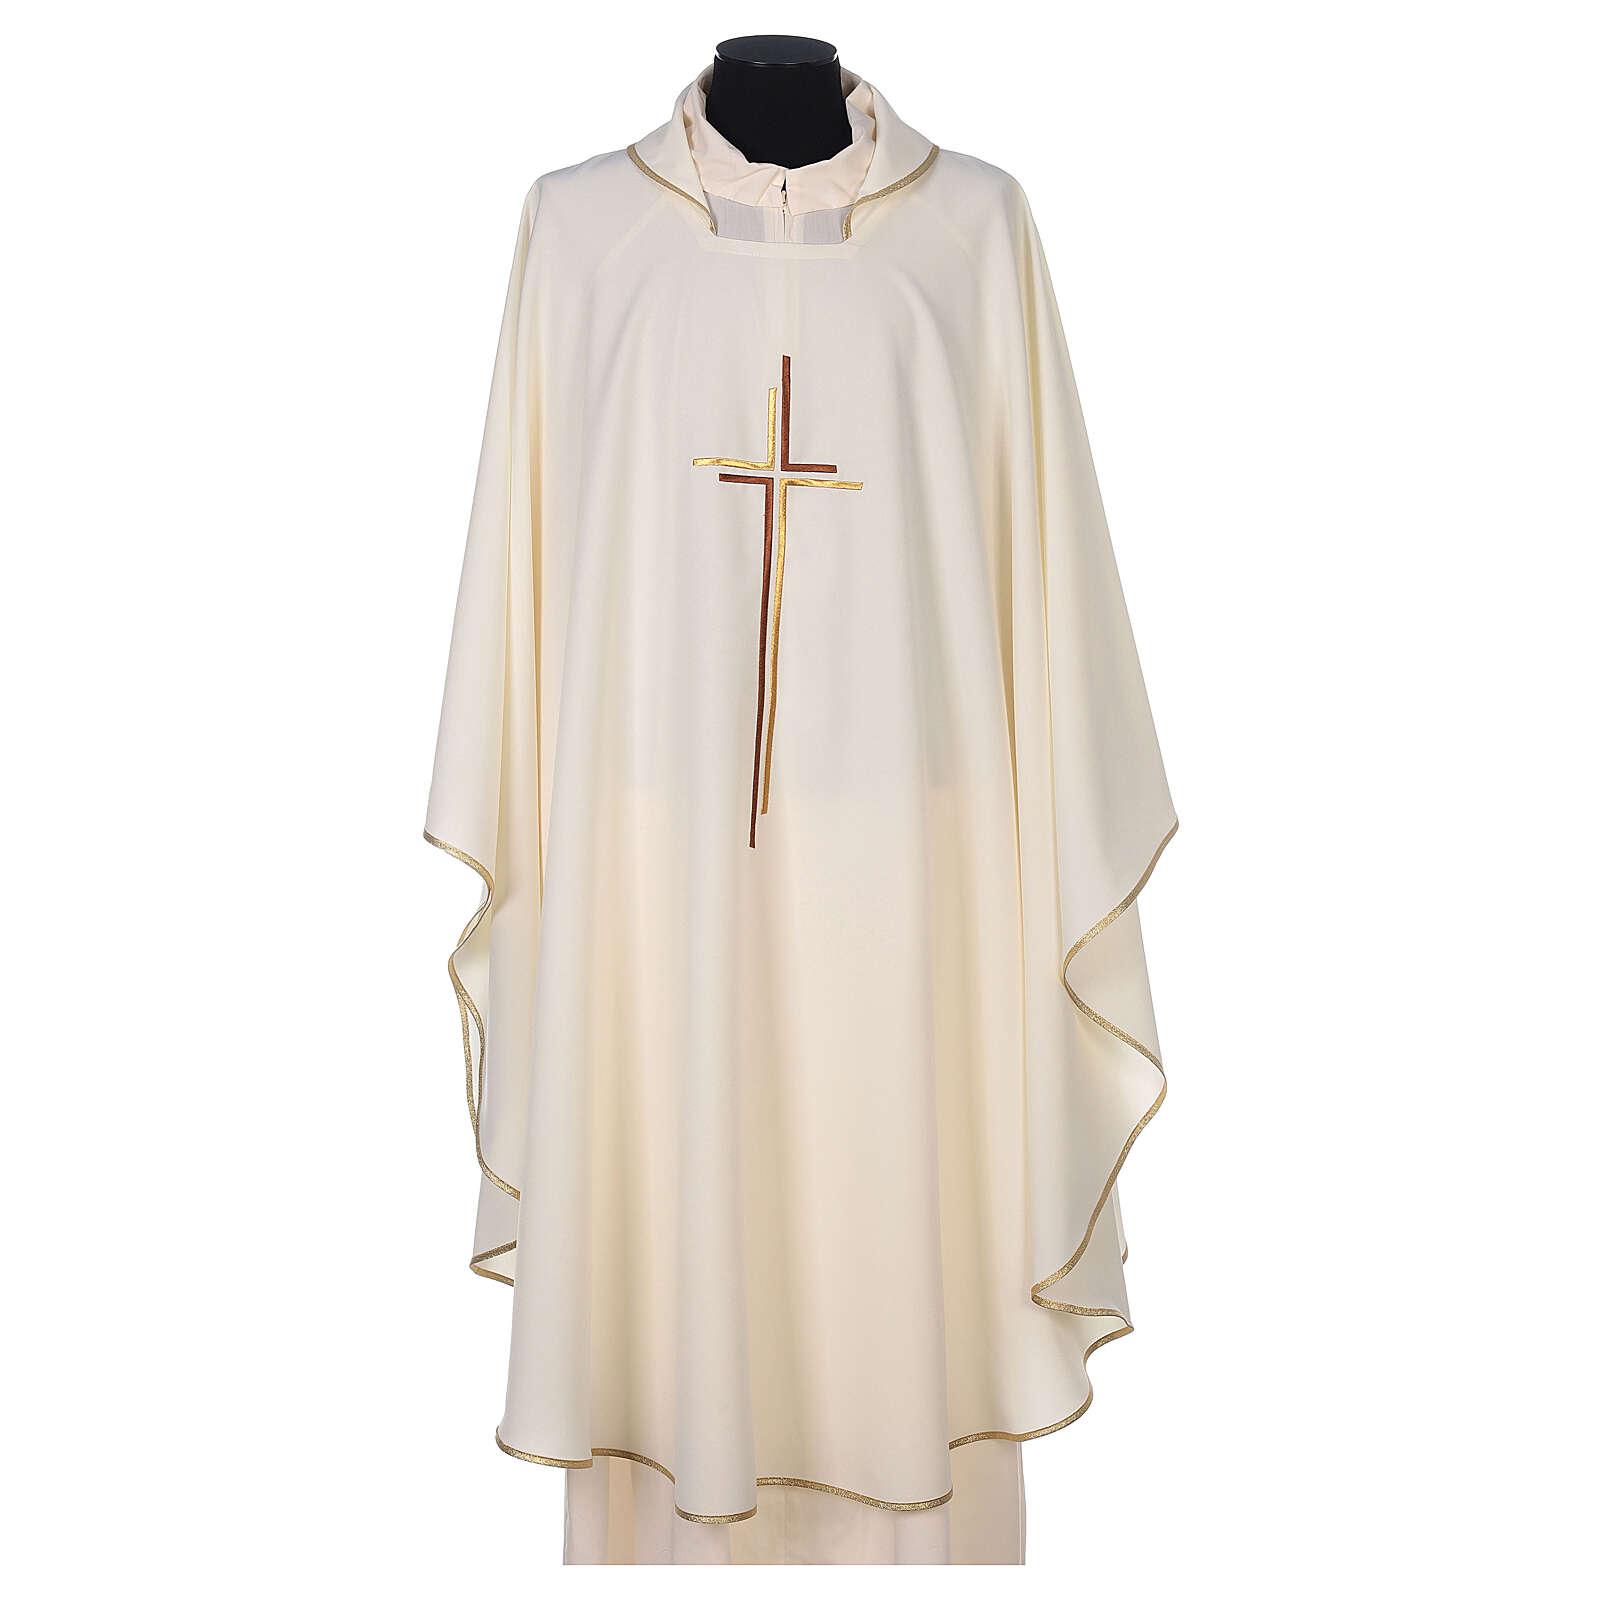 Casula sacerdotale croce doppia stilizzata poliestere 4